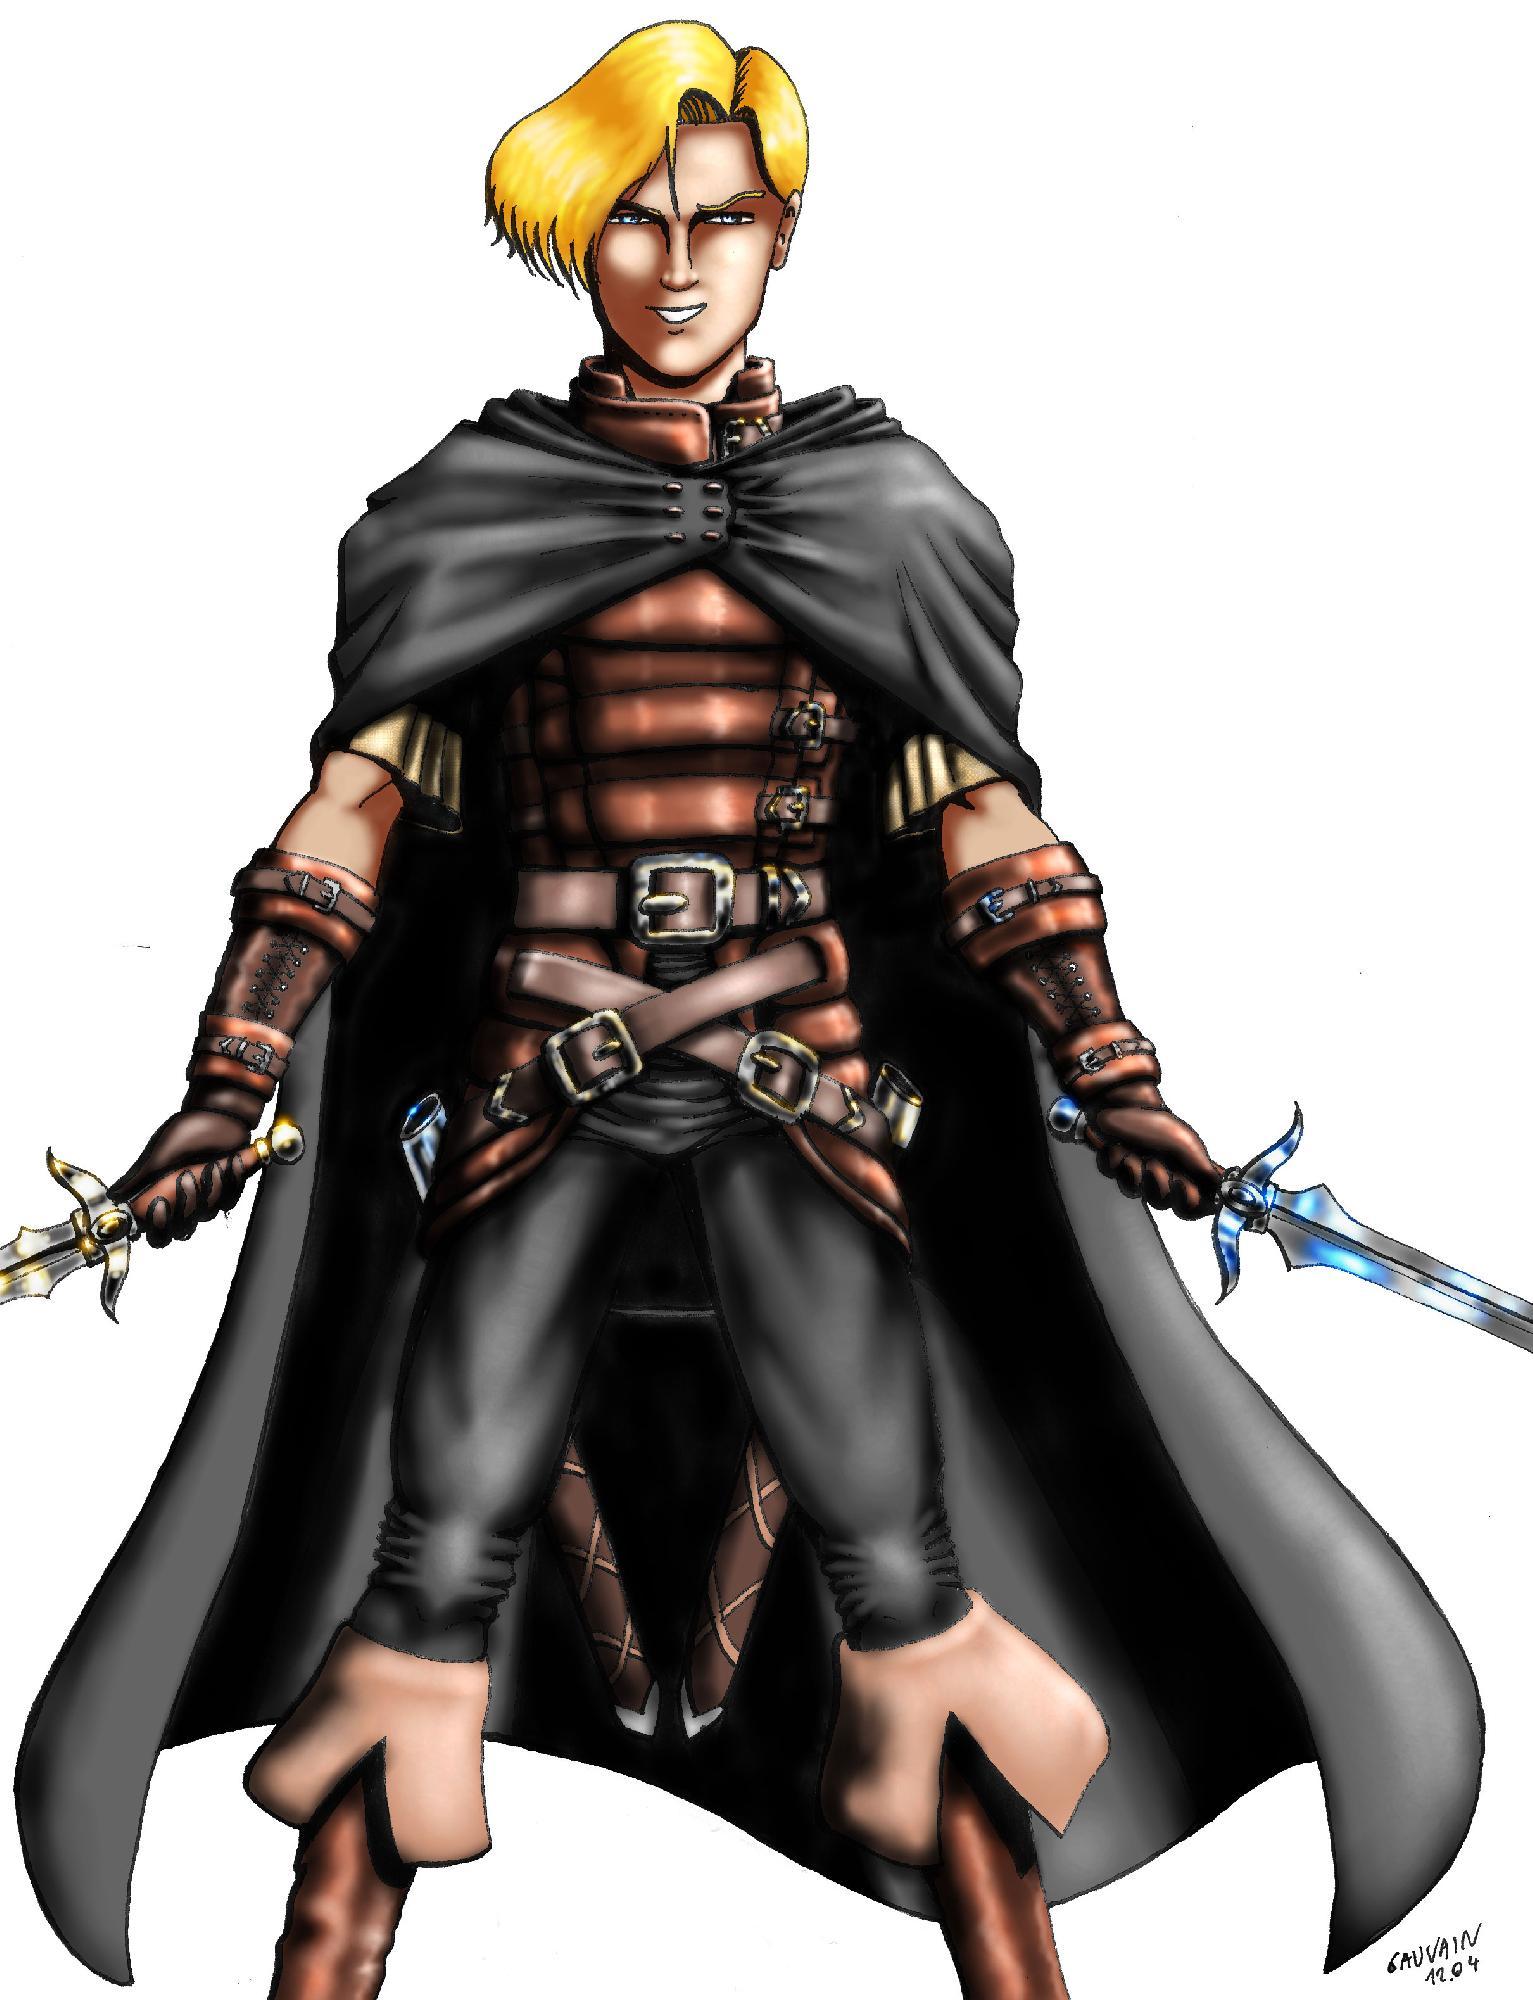 Fugitifs : Dessins des personnages joueurs Image5c8119846b1b3